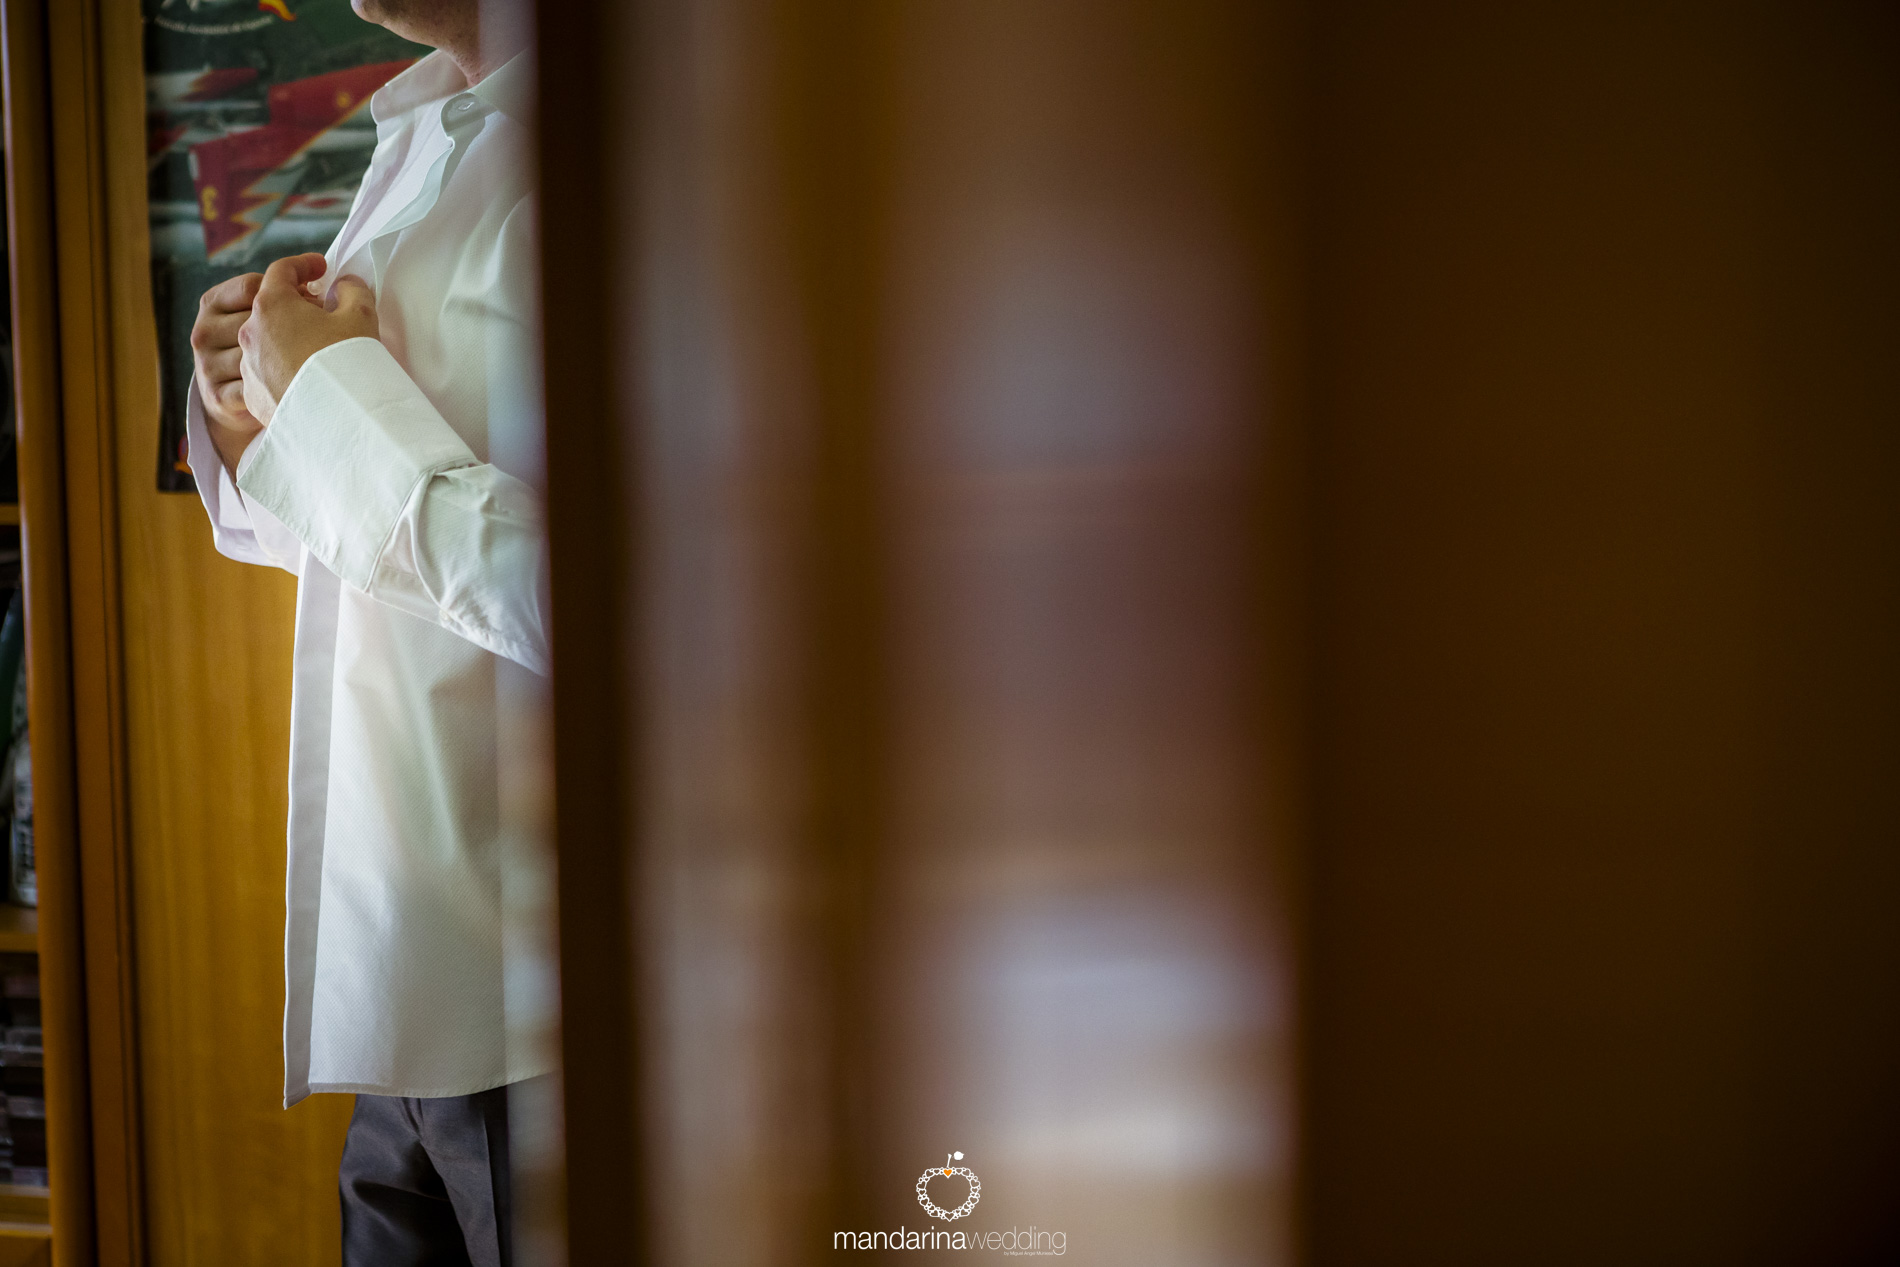 mandarina wedding, fotografo de boda, fotografo boda soria, fotografo boda barcelona, fotografo boda Madrid, fotografo boda lerida, fotografo boda Huesca, fotografo de destino_010